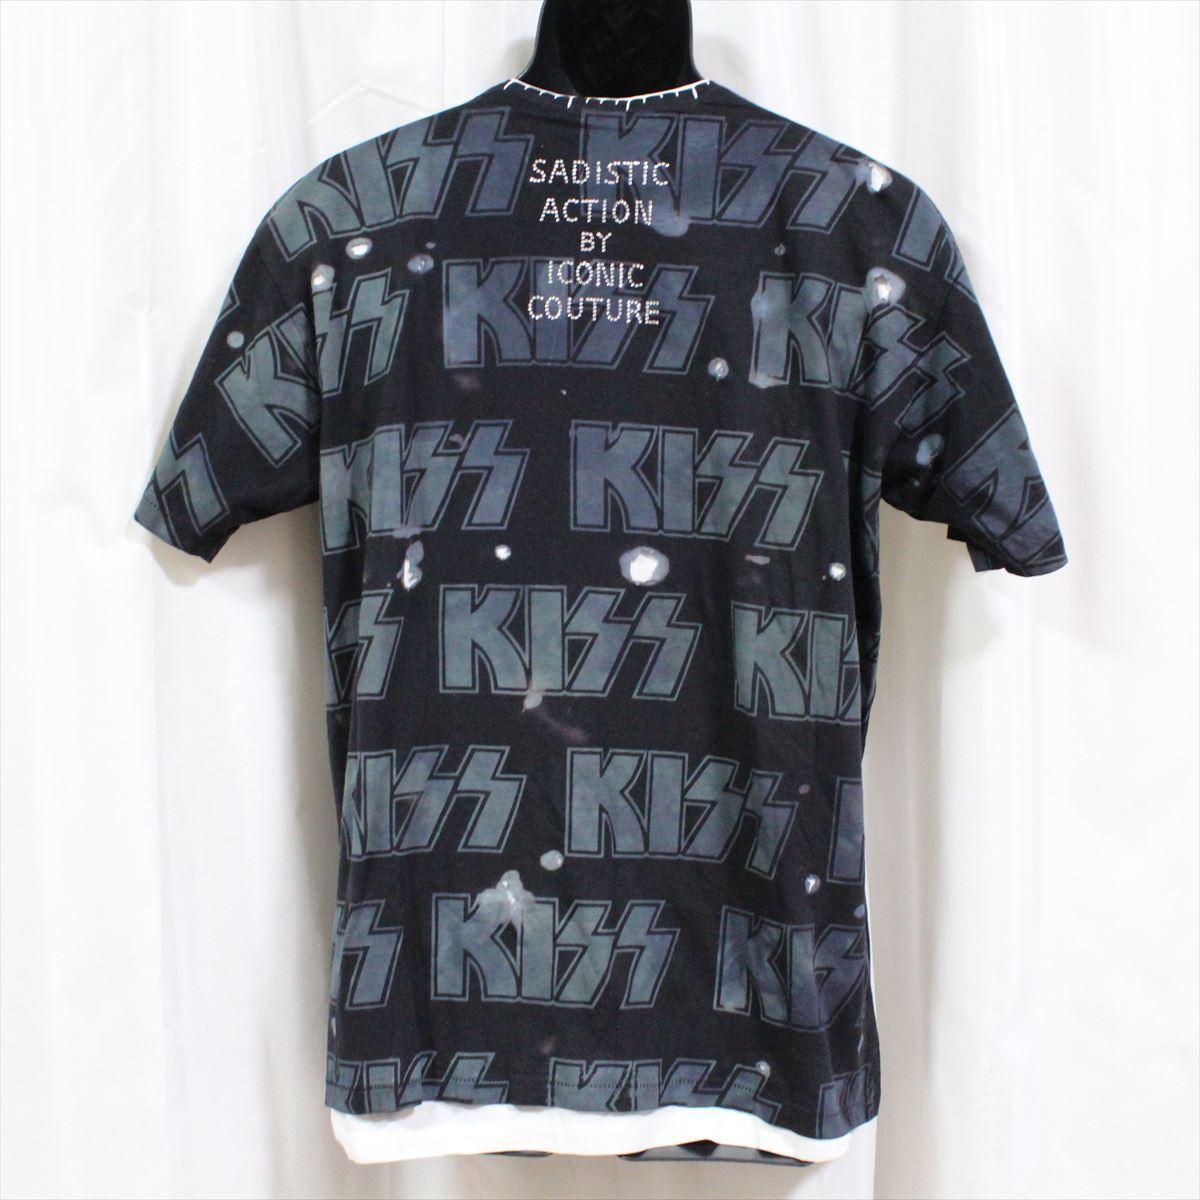 サディスティックアクション SADISTIC ACTION アイコニック メンズ半袖Tシャツ KISS Lサイズ ICONIC COUTURE 新品_画像4